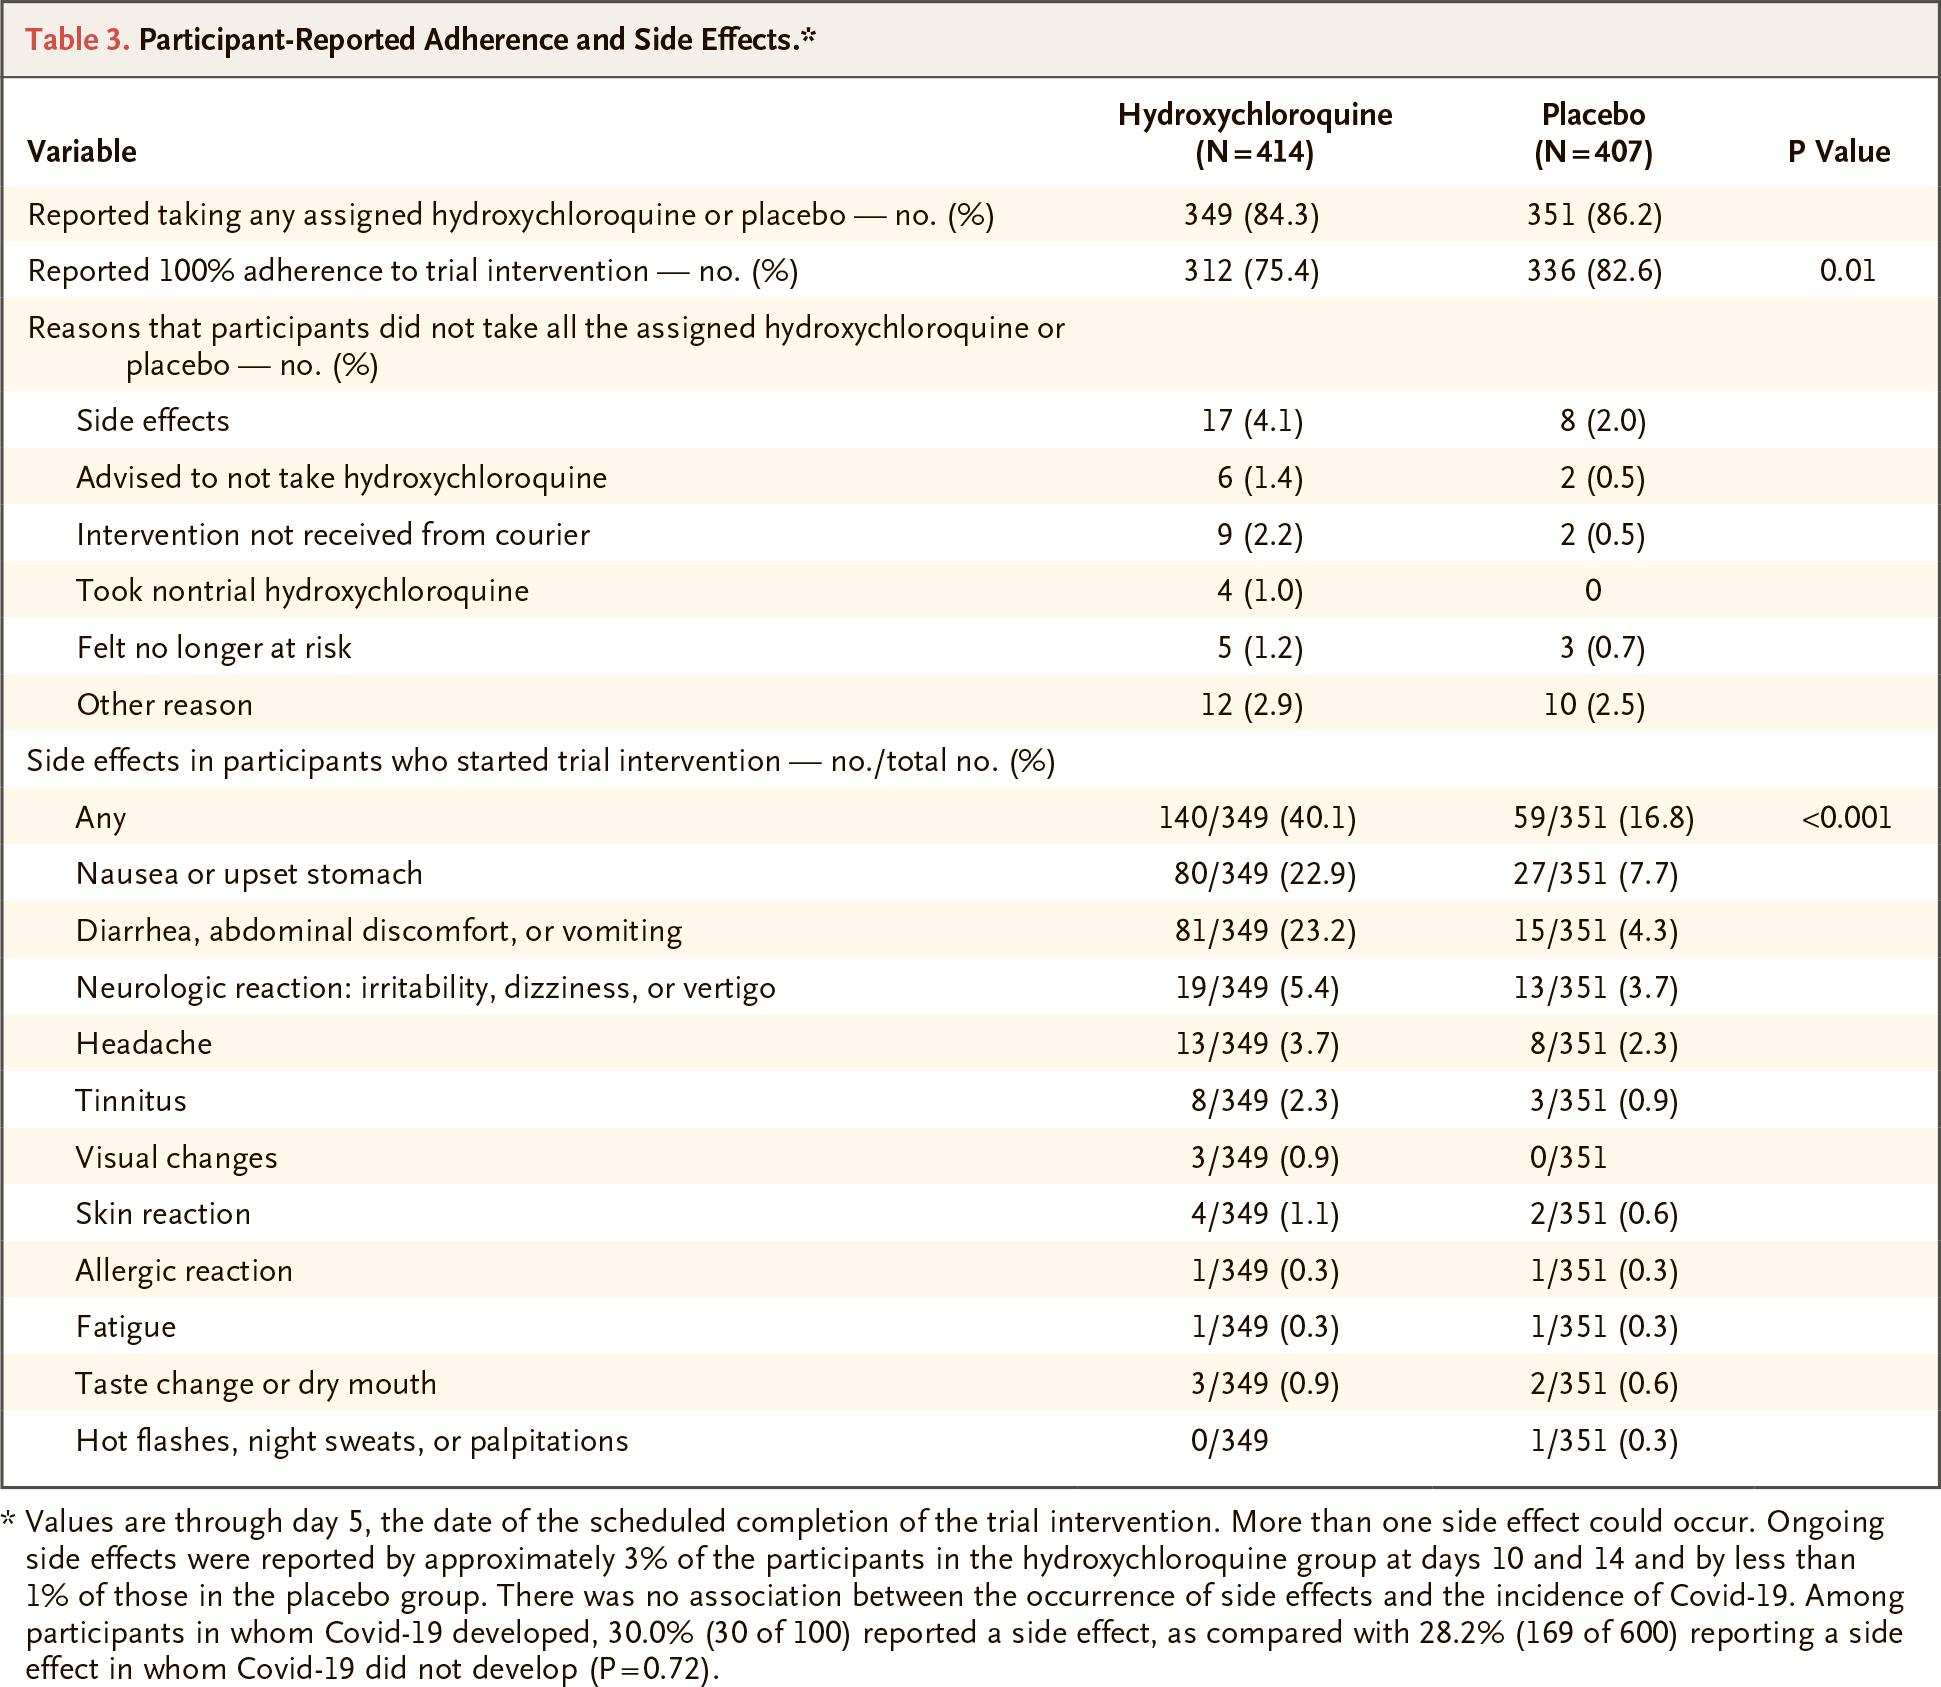 nct04308668 results 02 - Коронавирус. Гидроксихлорохин бесполезен для постконтактной профилактики заражения